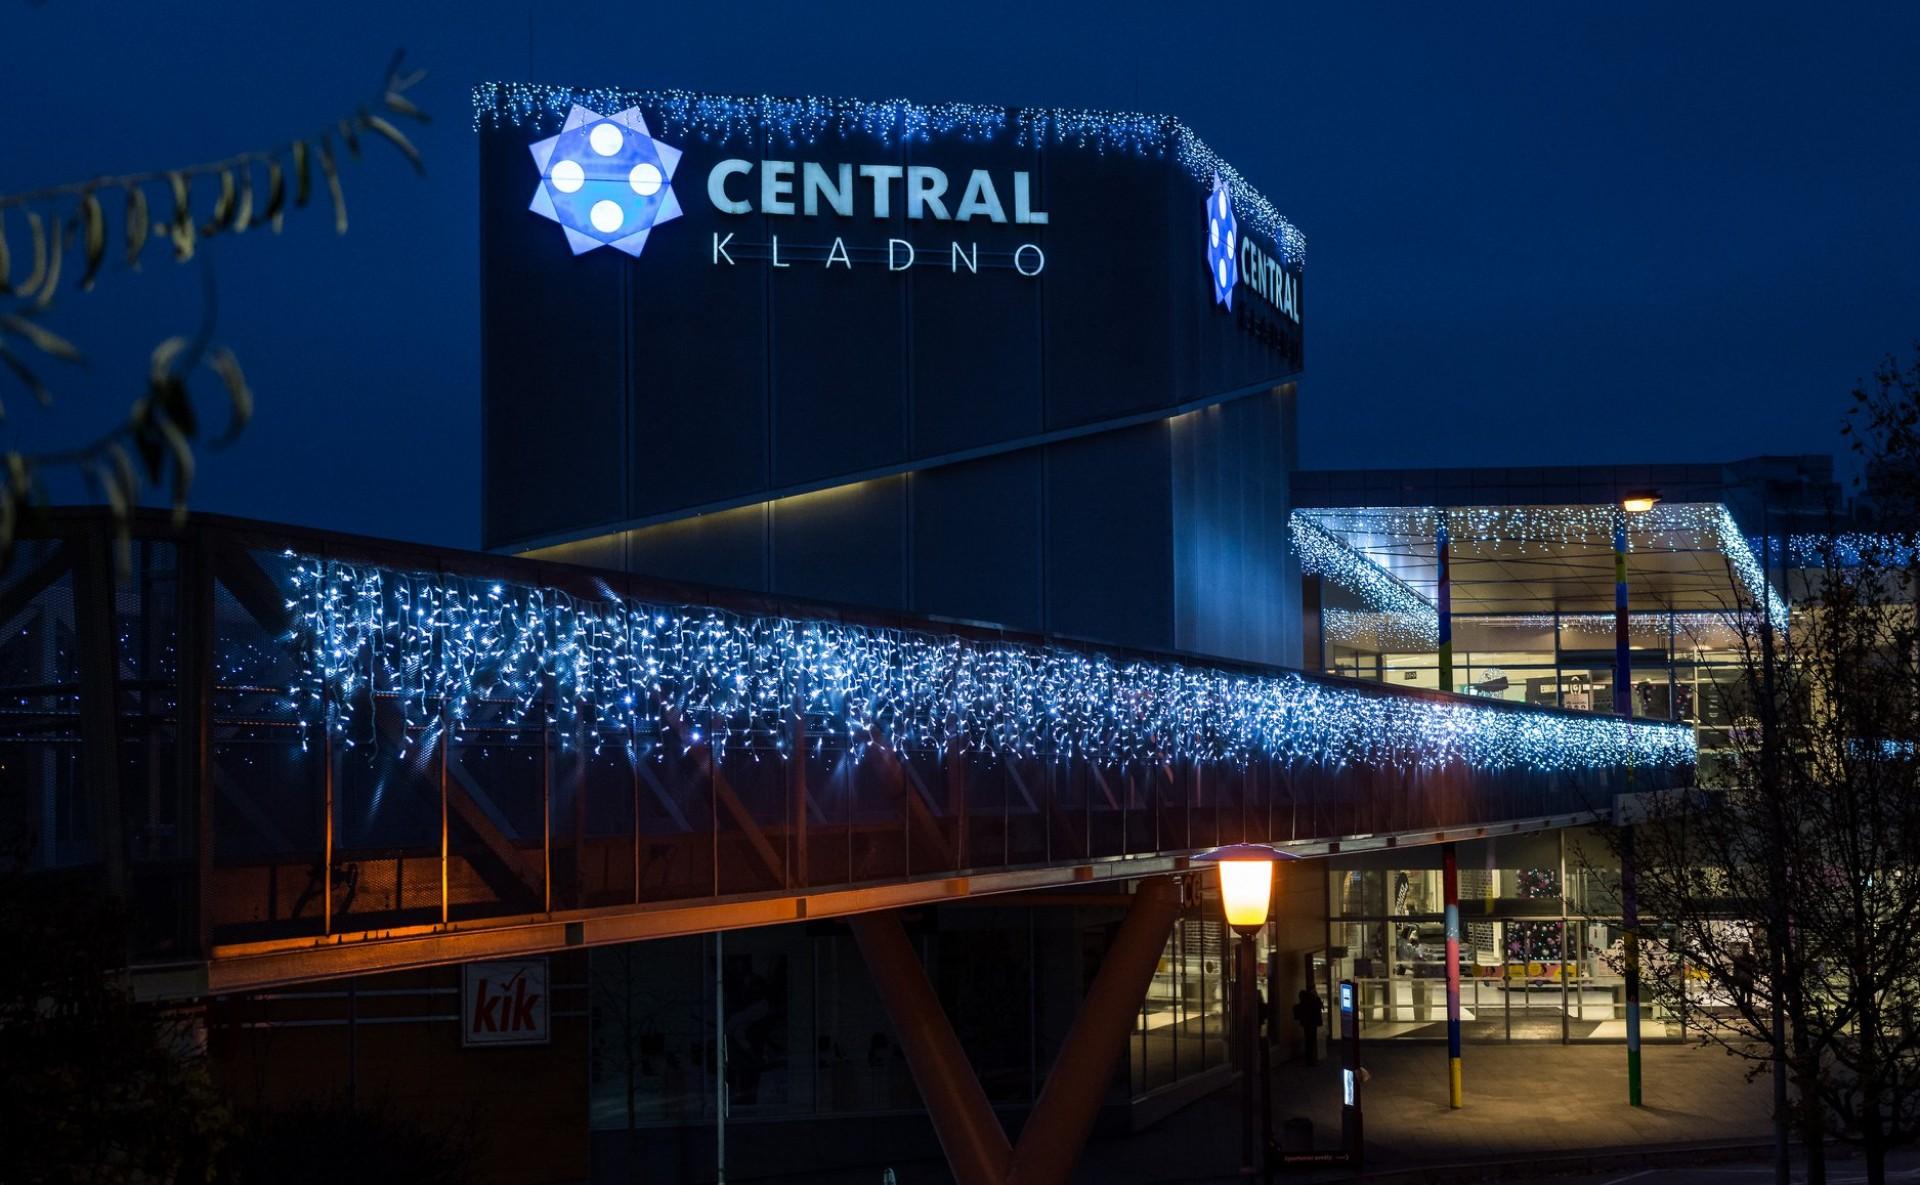 Pronájem prostor obchodní centrum Central Kladno